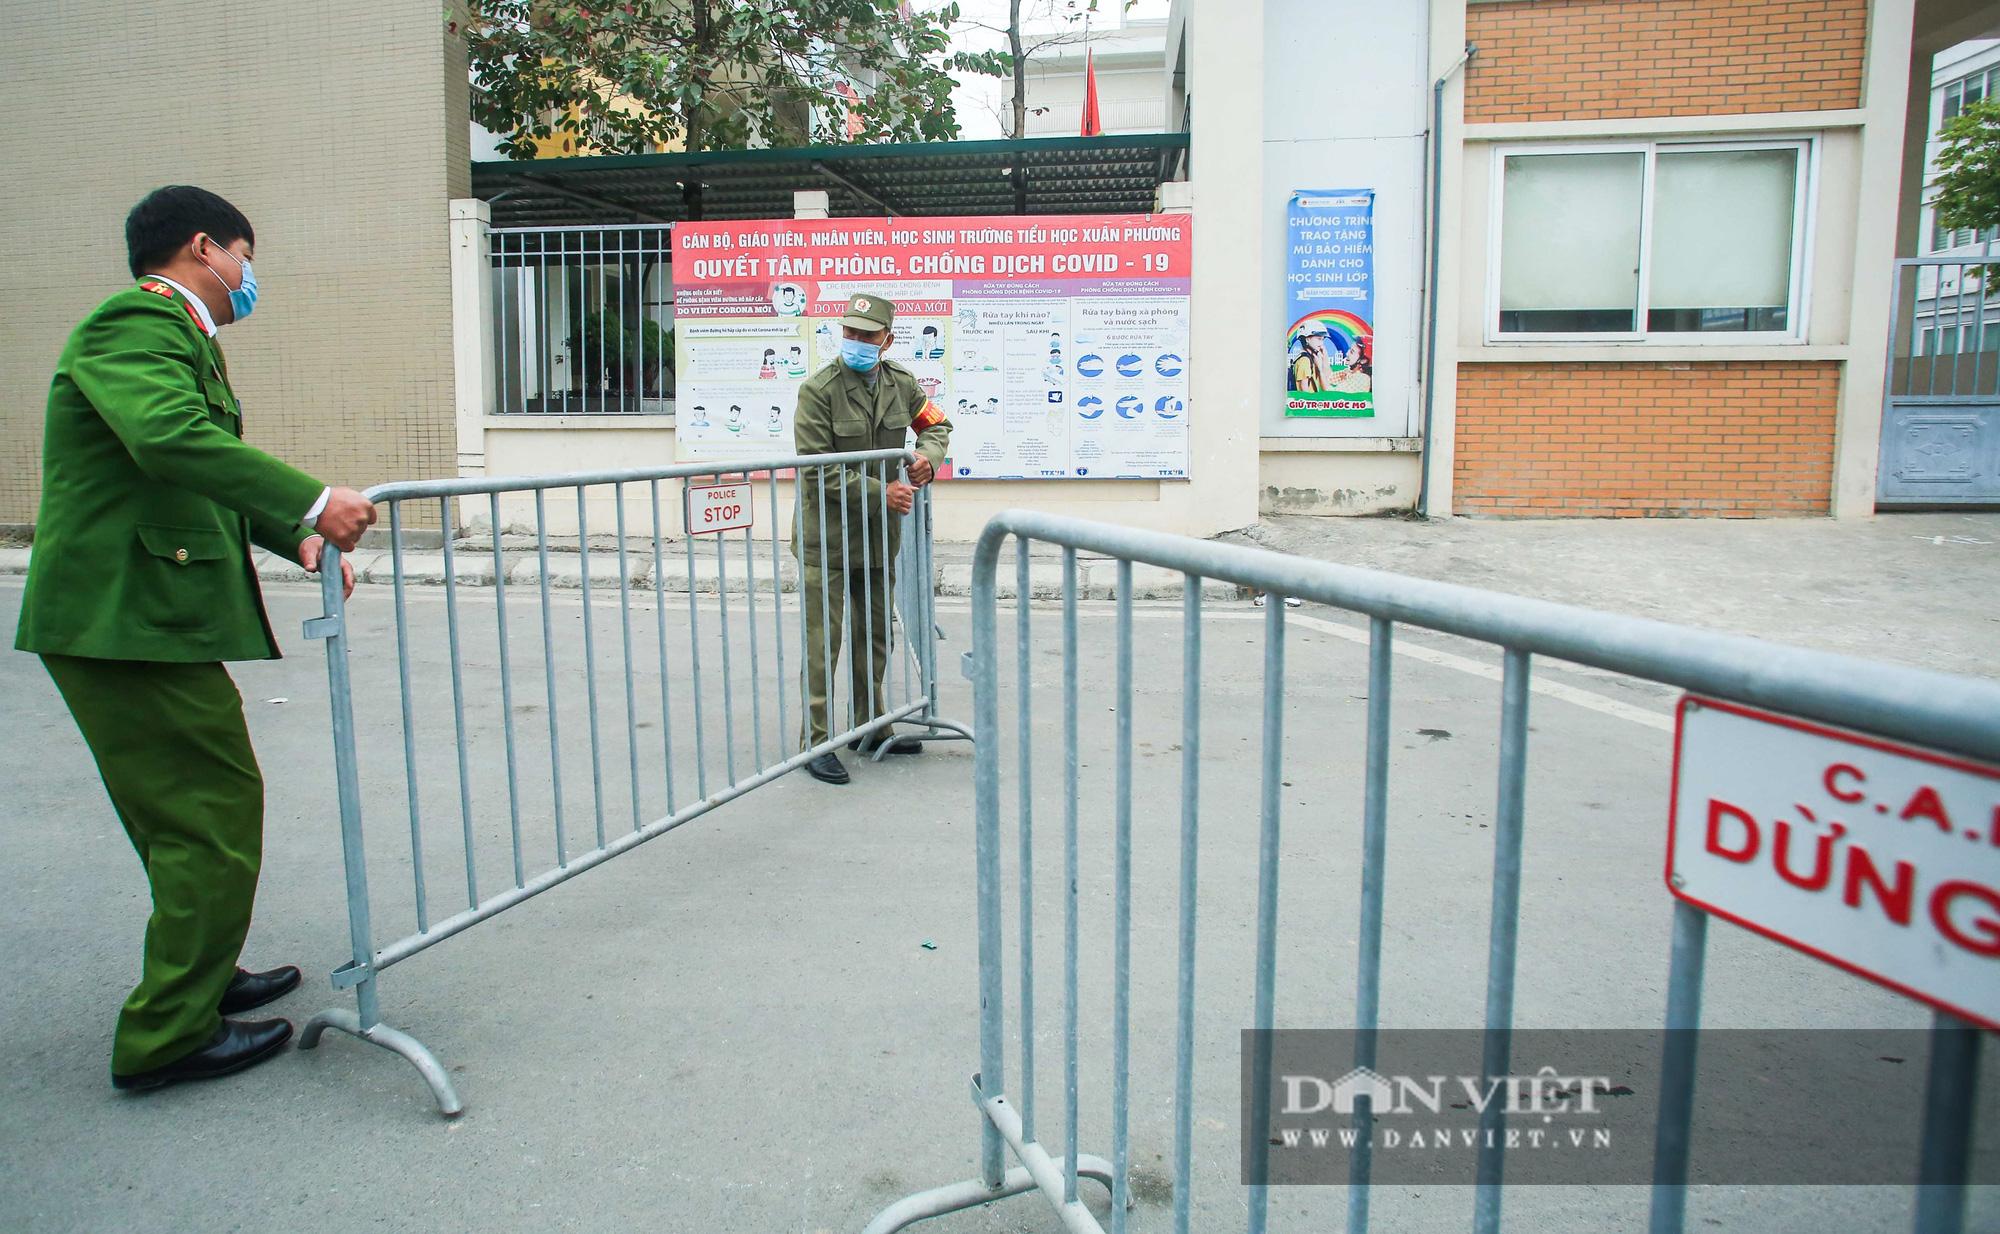 Mang mỳ tôm, bim bim cho các em học sinh bị cách ly tại trường tiểu học Xuân Phương - Ảnh 3.